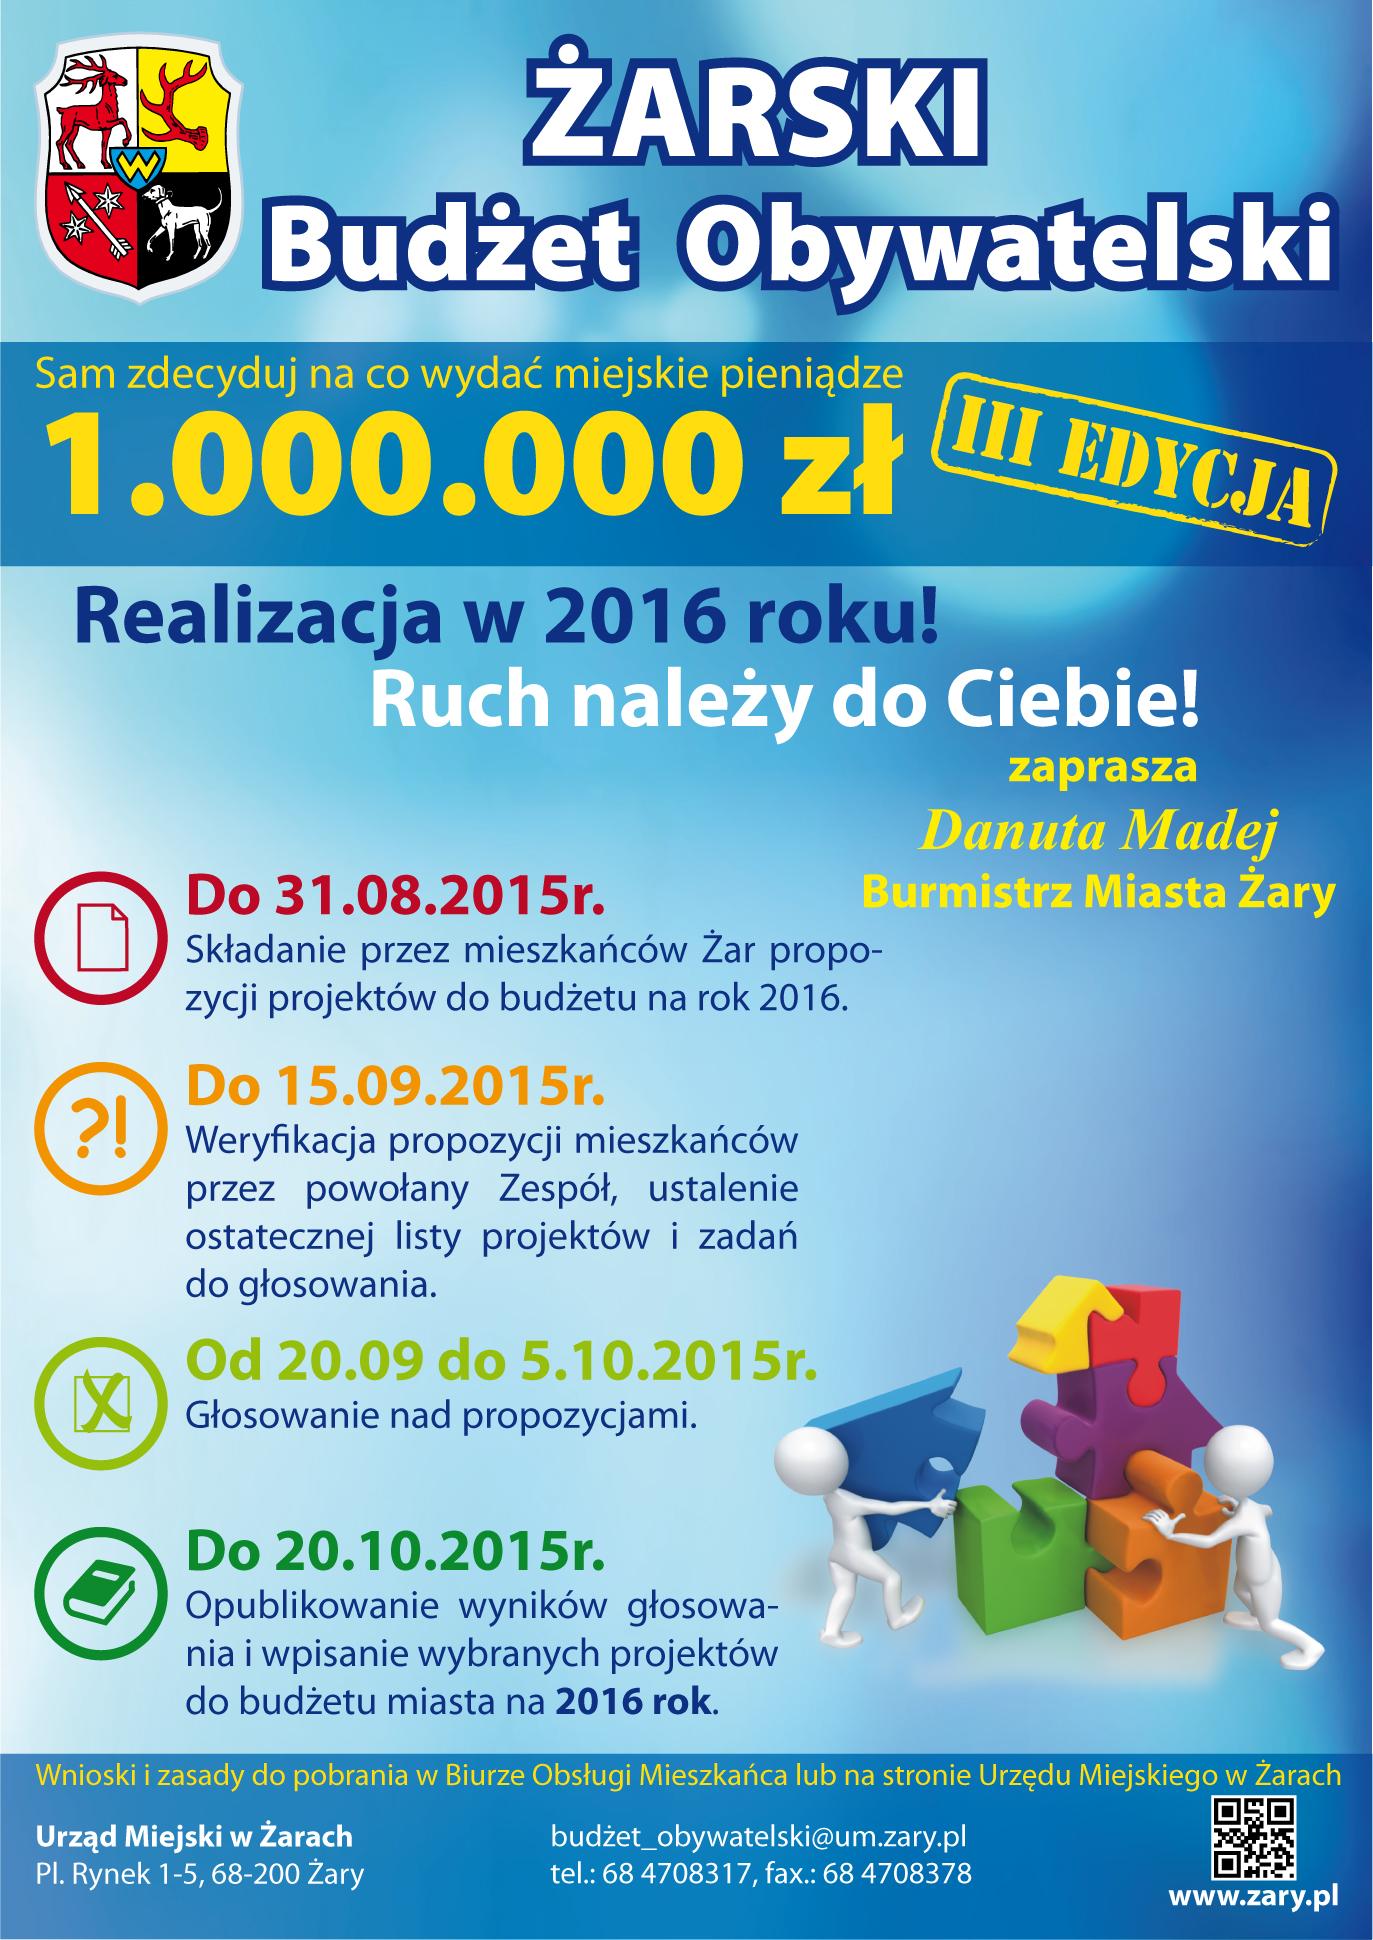 Ilustracja do informacji: Wspólnie zdecydujmy na co wydać 1 000 000 złotych